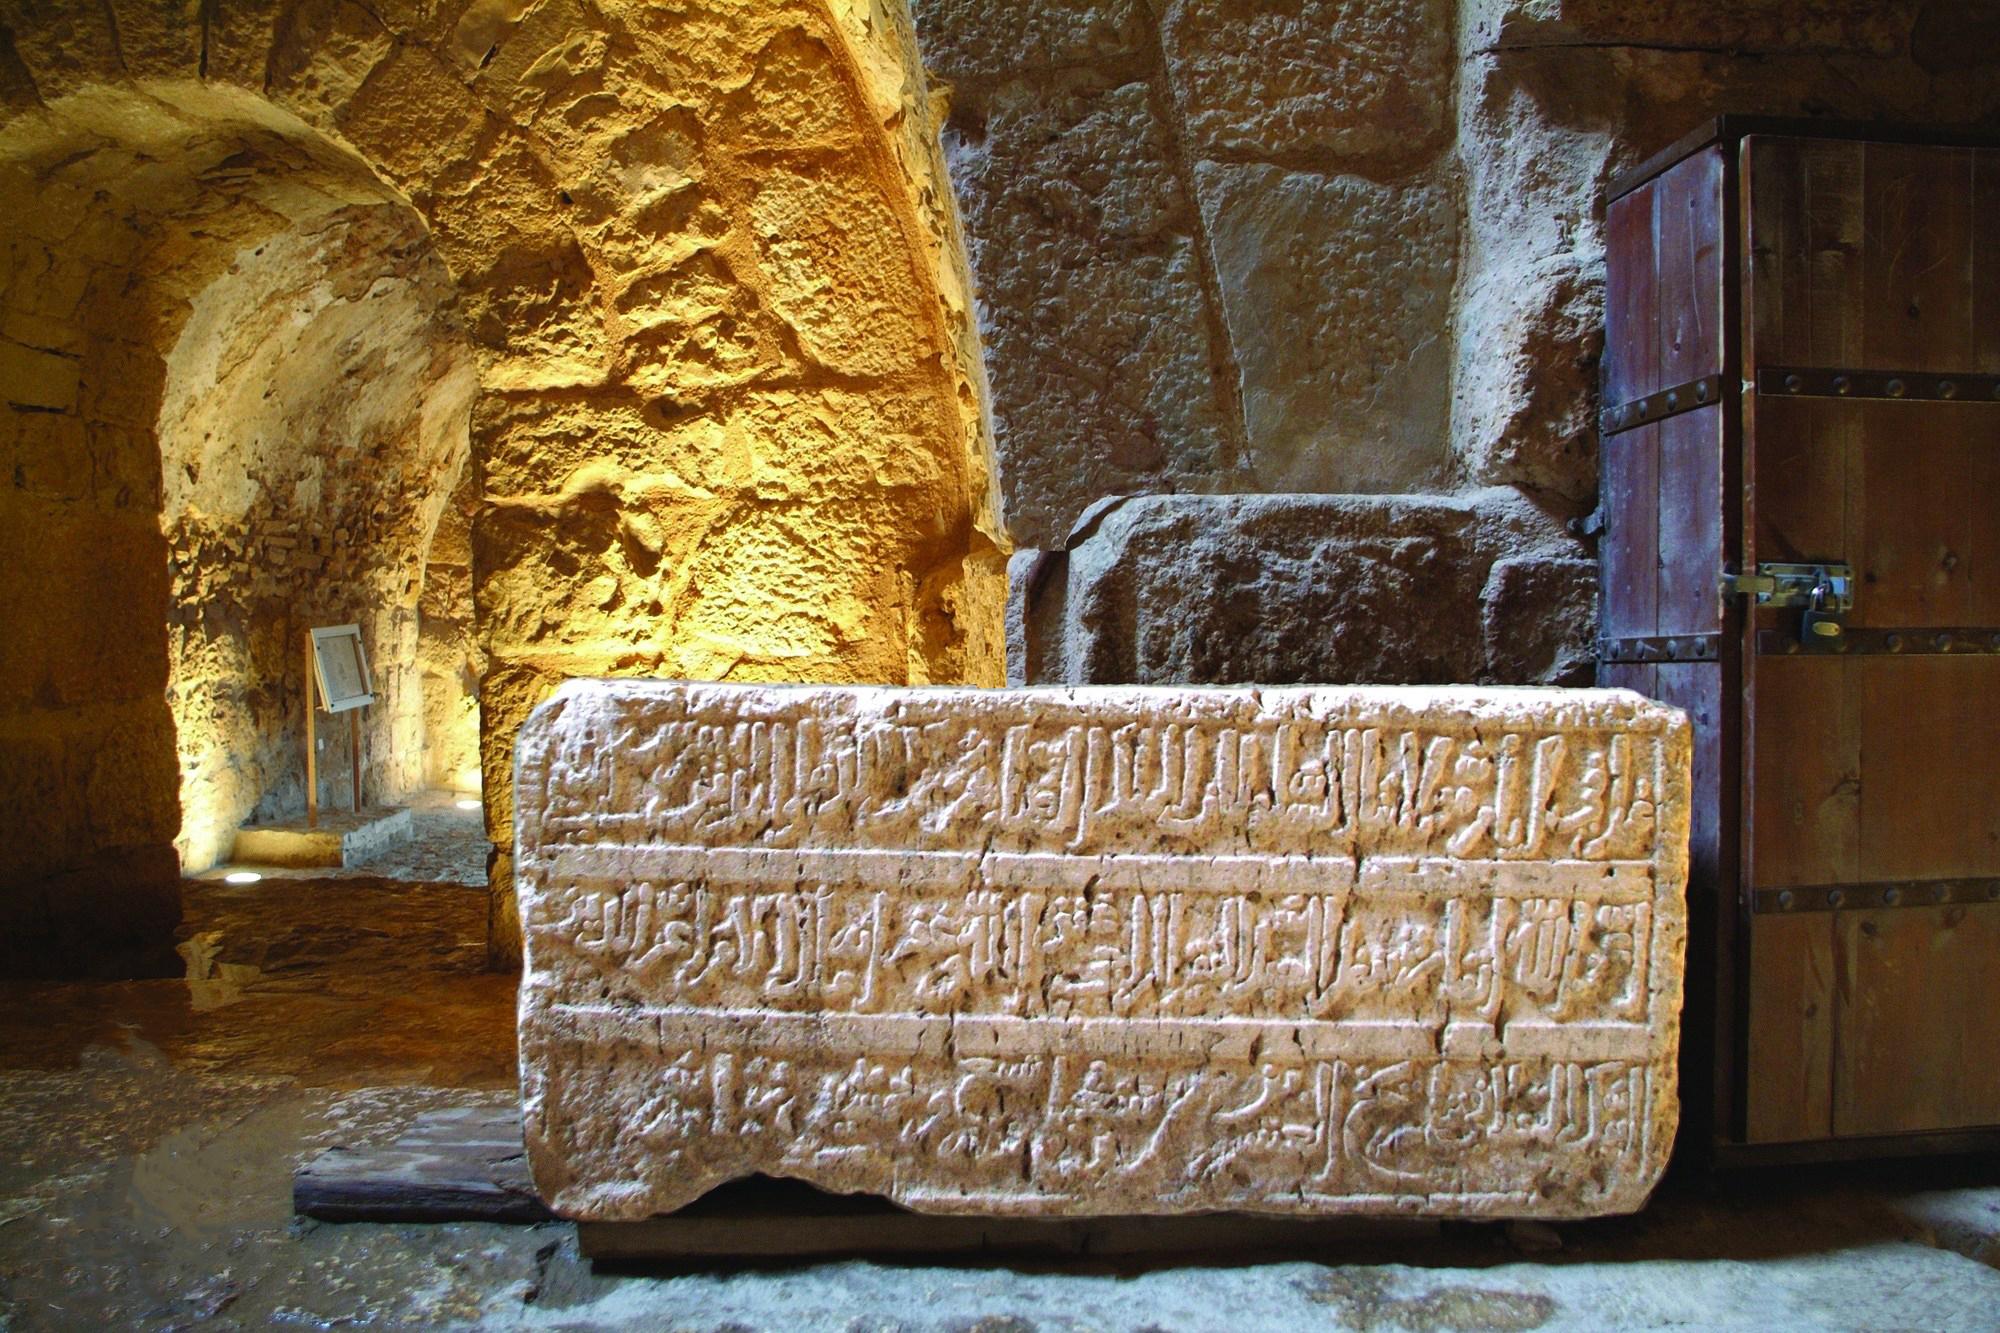 13:00 - 14:30 Ajloun Castle